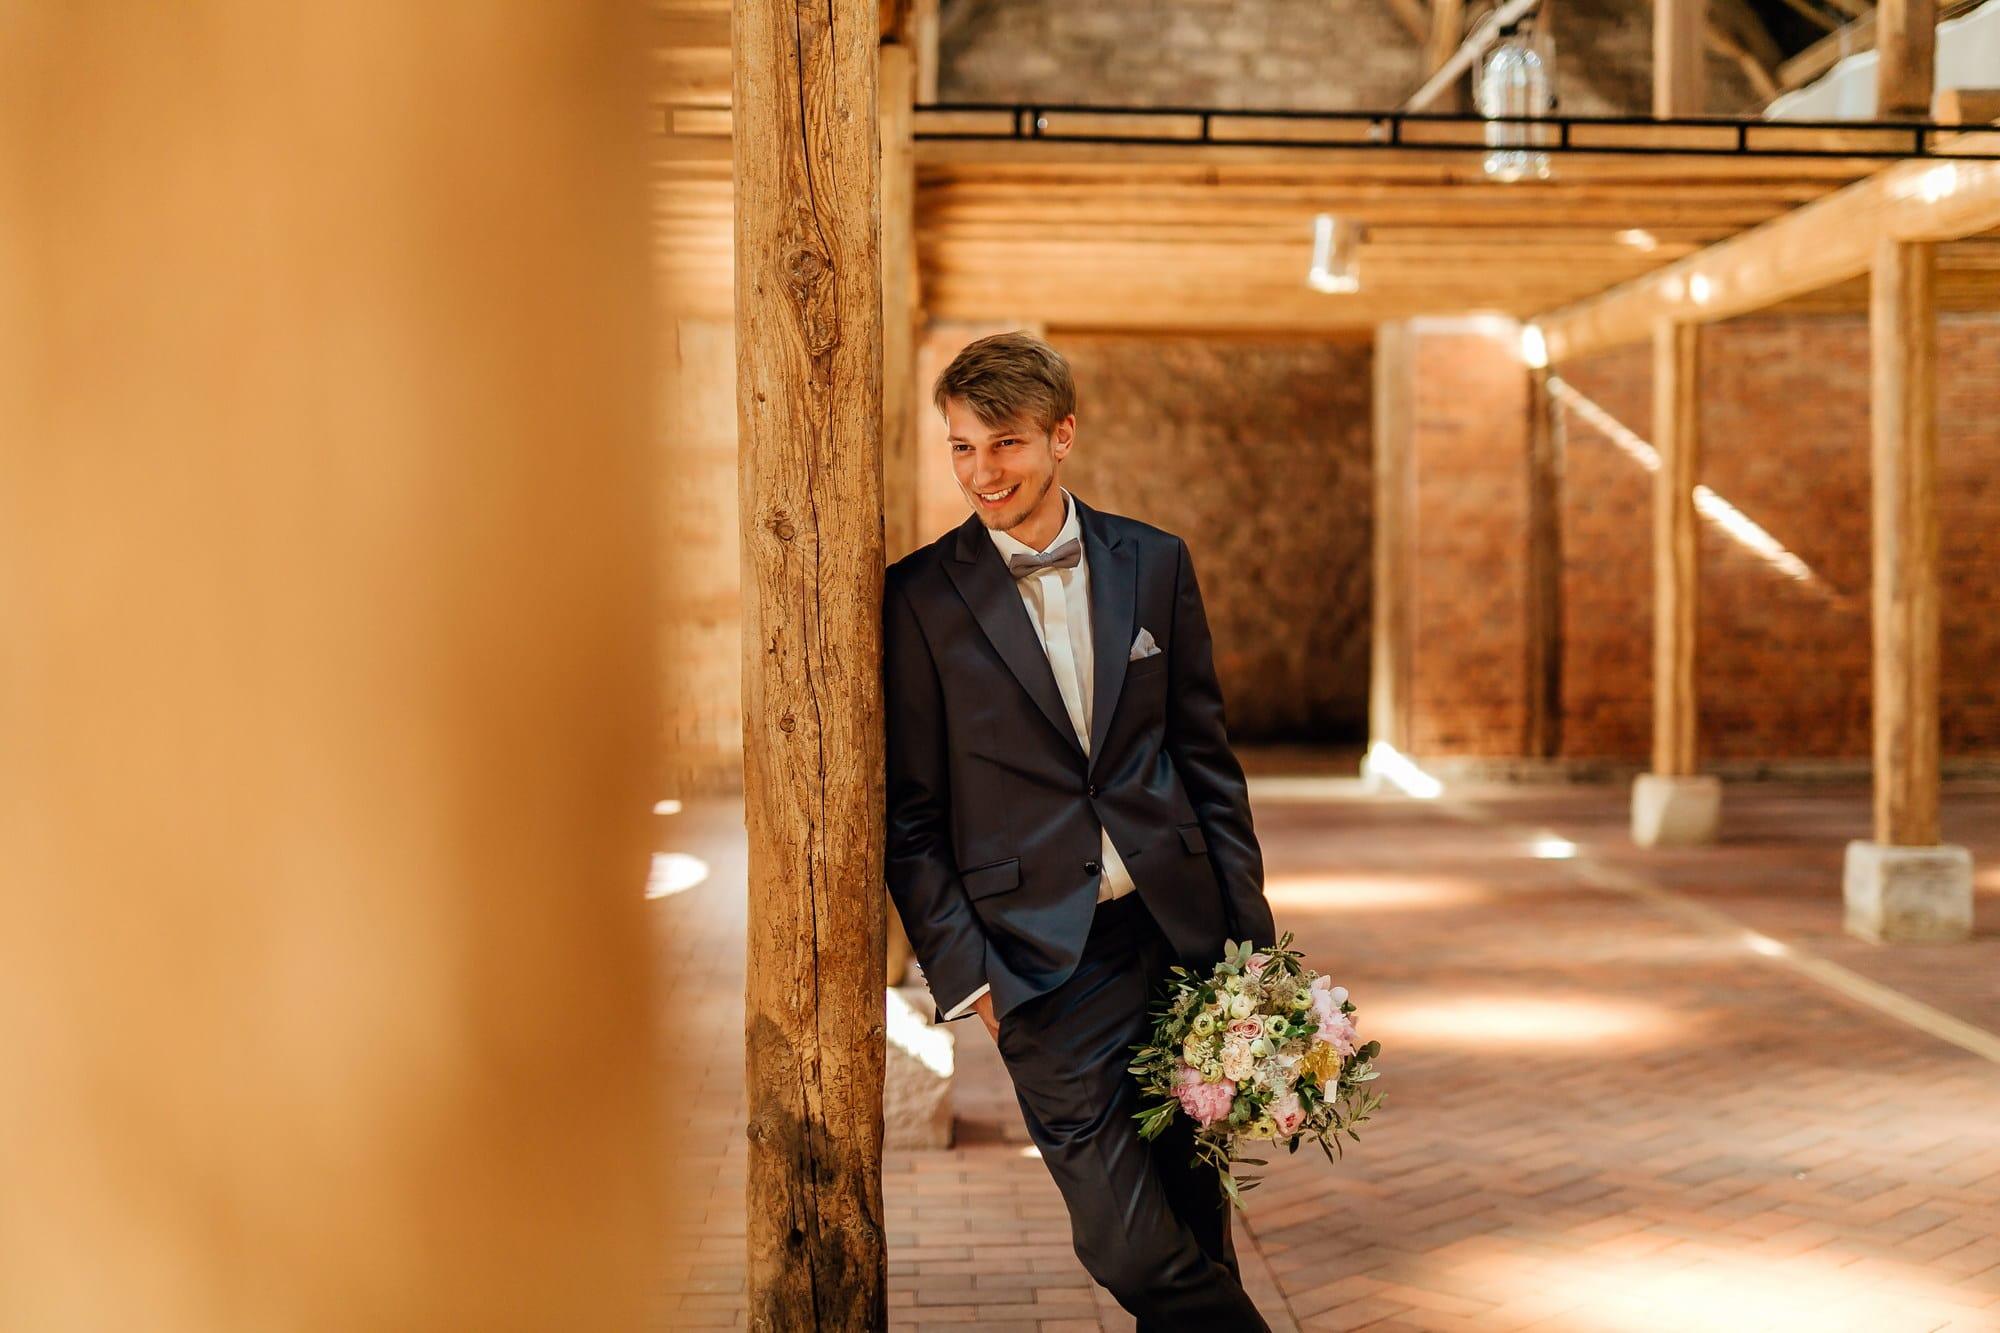 Bräutigam Brautstrauß Anzug lachen Holzbalken